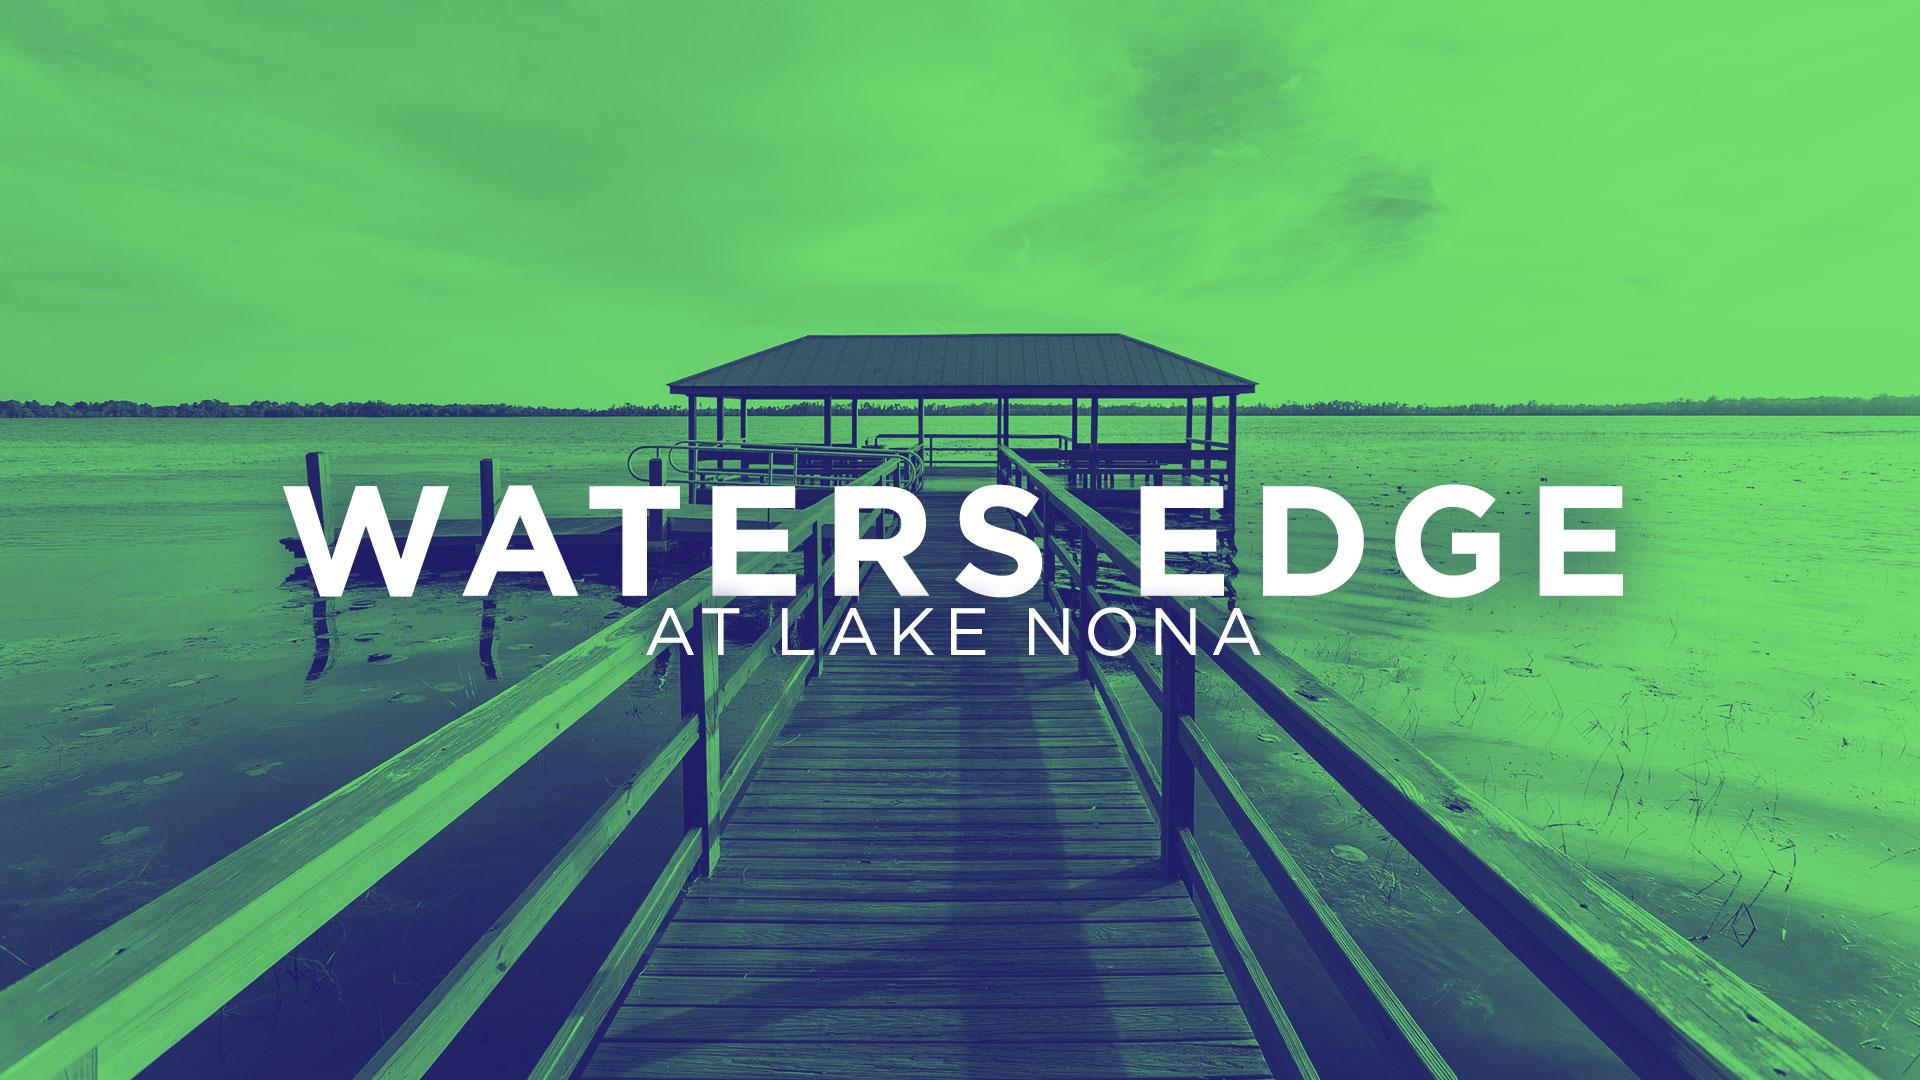 Waters Edge at Lake Nona